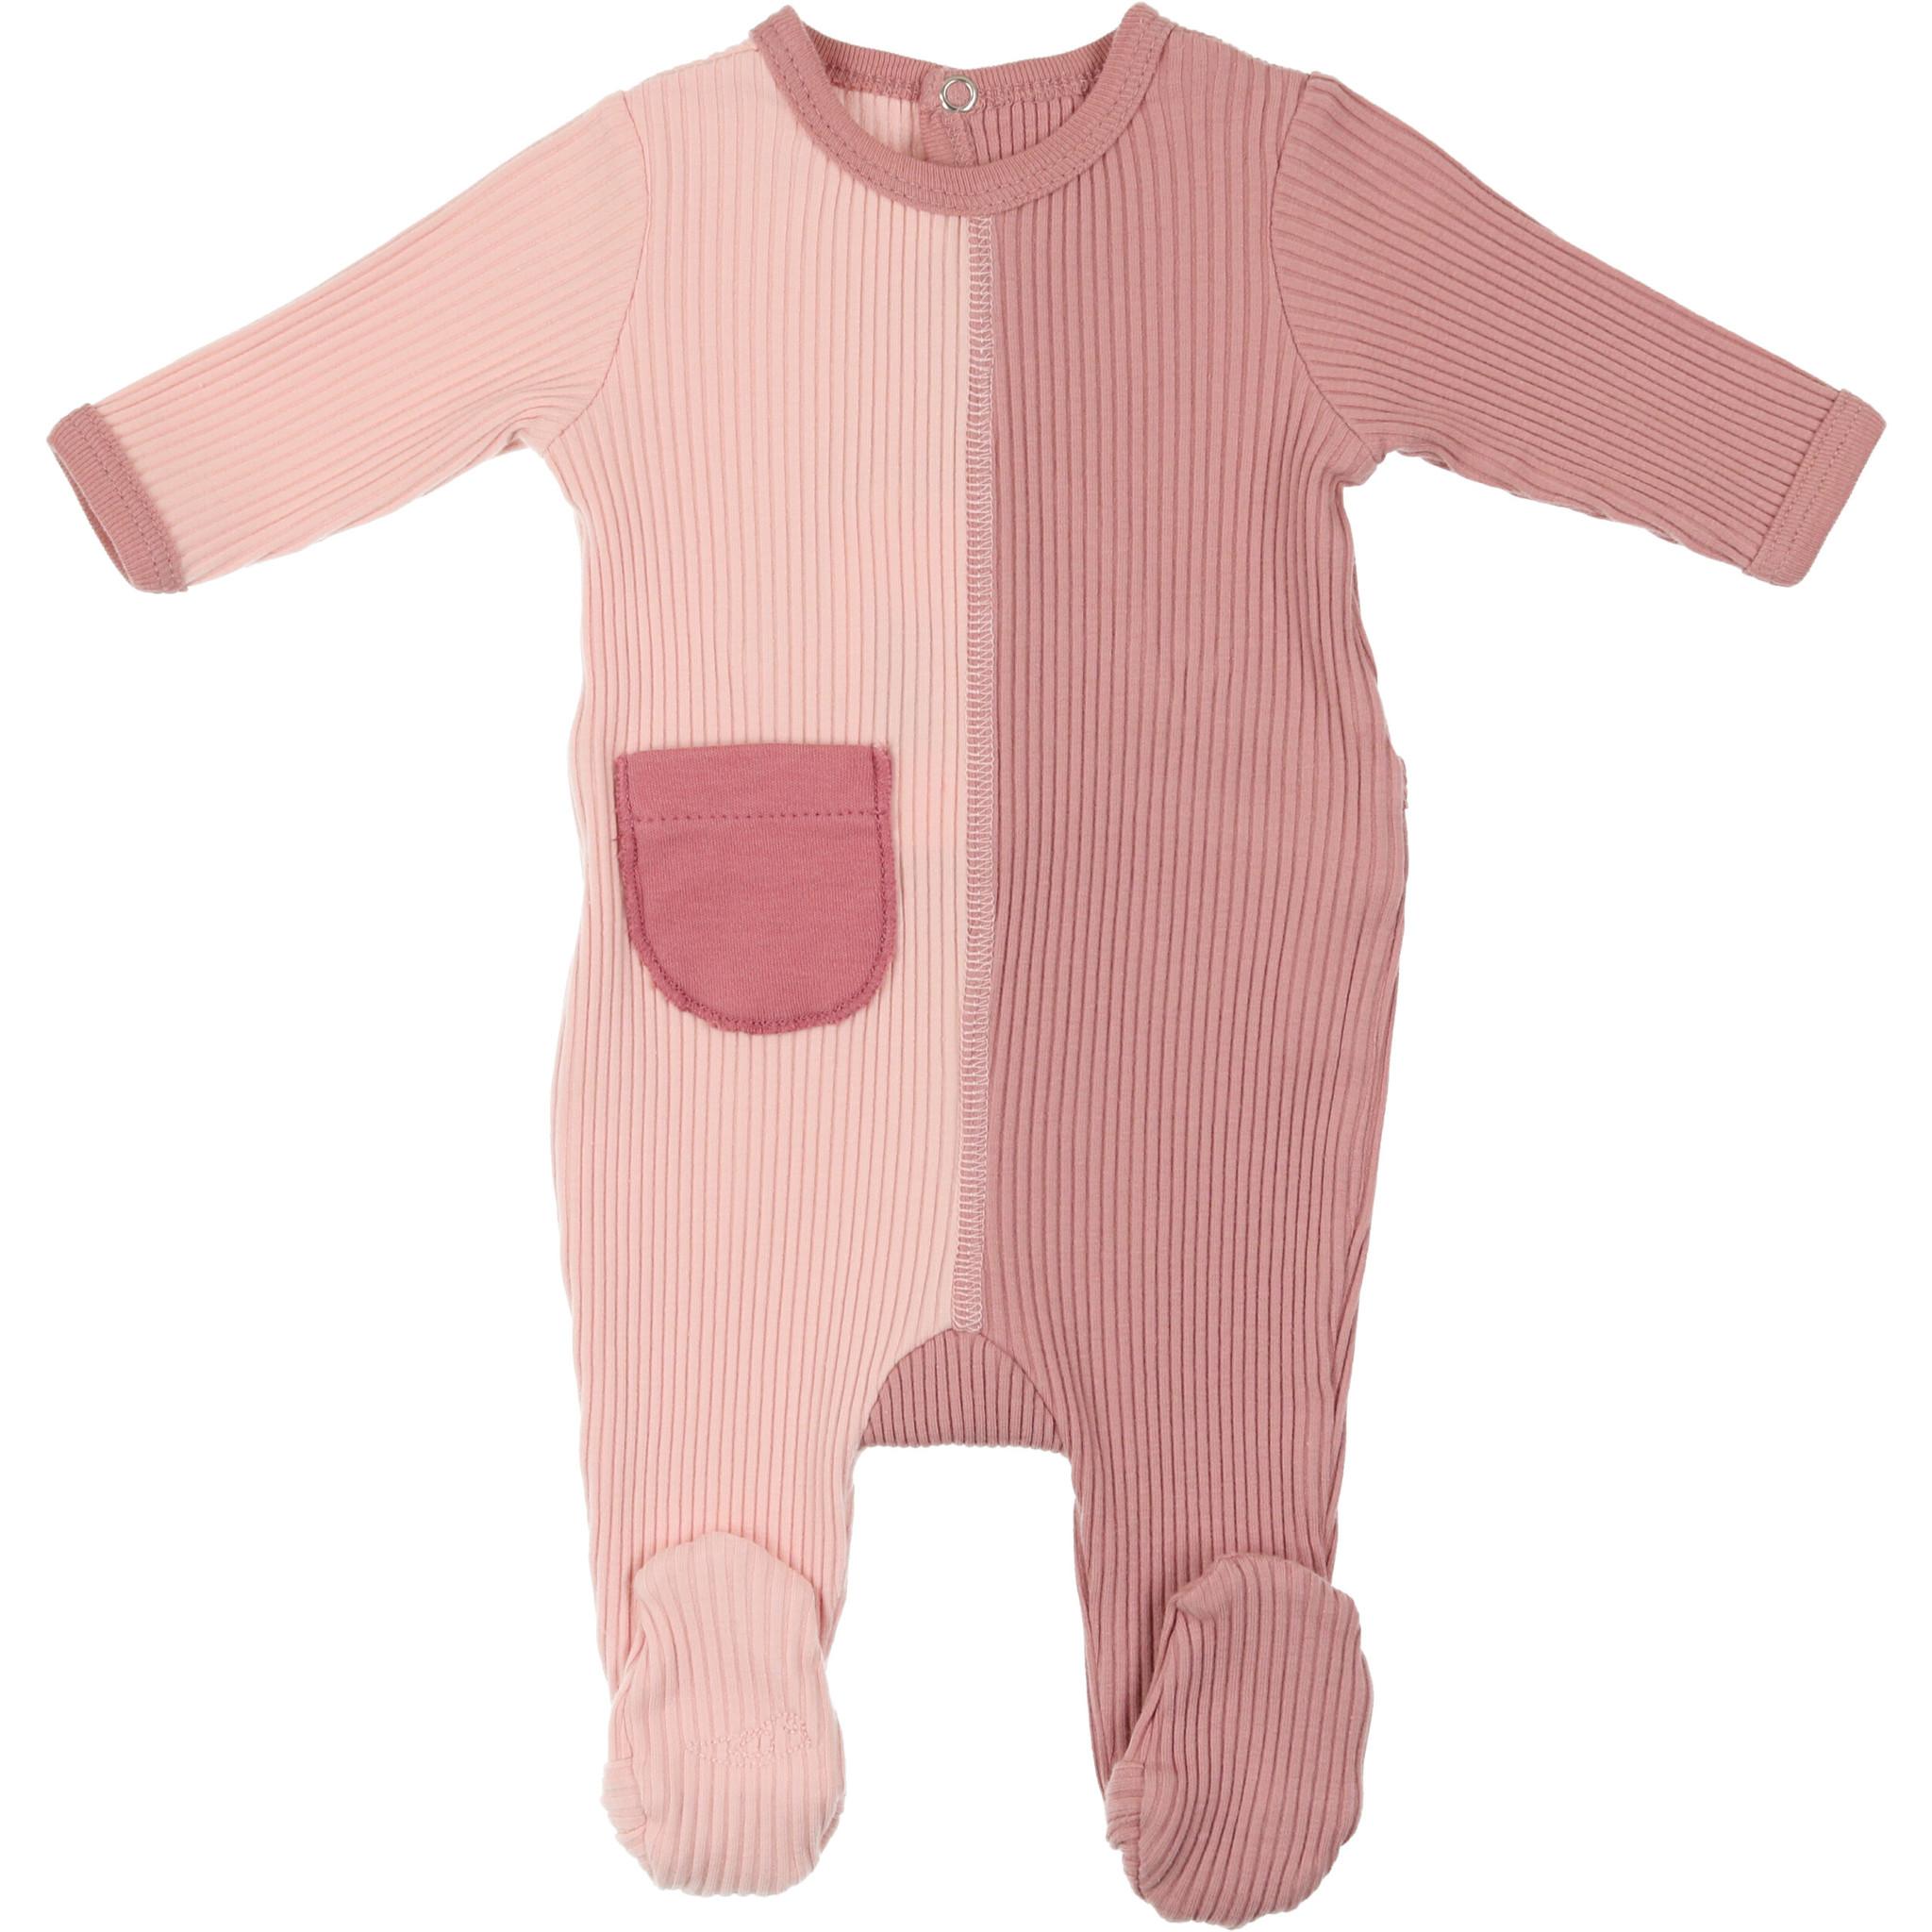 Mon Tresor Bebe J'adore Colors Footie Rose Tan and Pimrose Pink